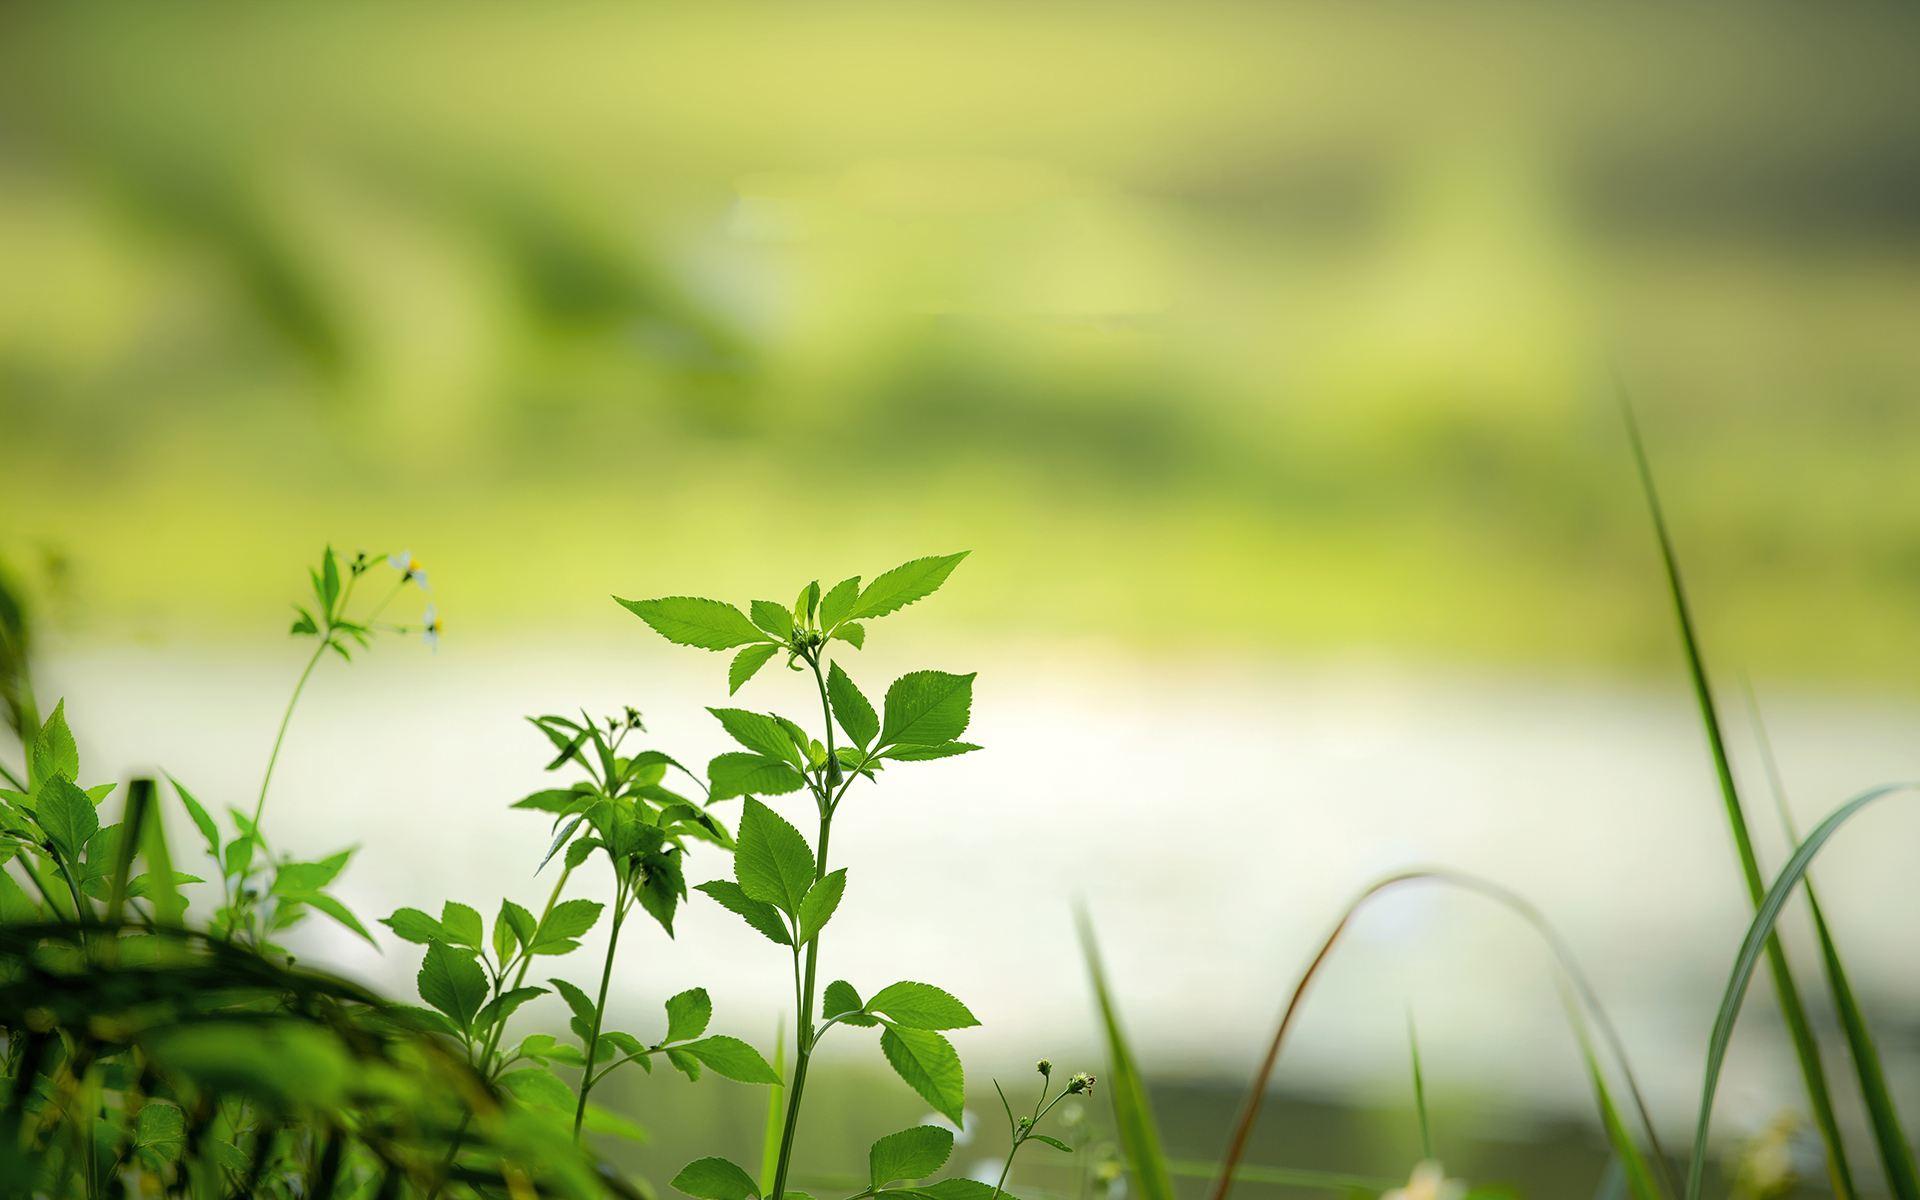 心情励志感悟生活的说说:要对未来充满希望,努力就不会太差的